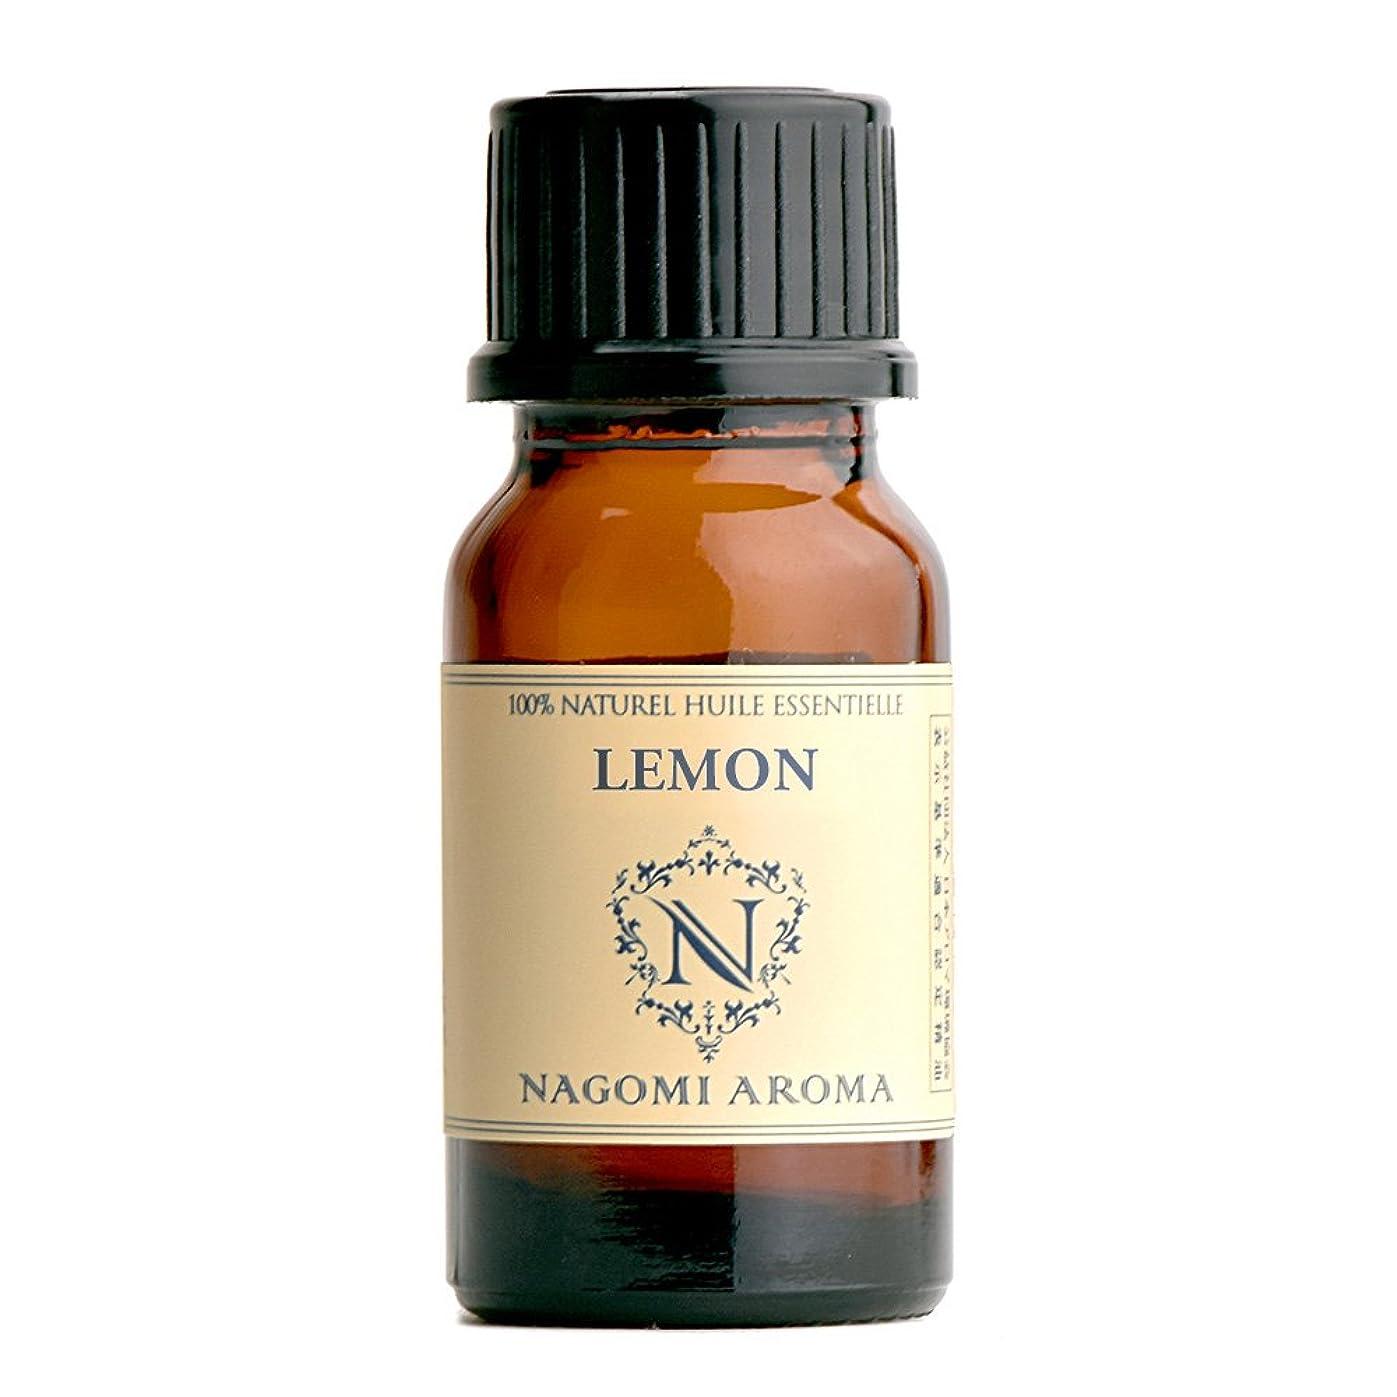 マルクス主義者いじめっ子寝室を掃除するNAGOMI AROMA レモン 10ml 【AEAJ認定精油】【アロマオイル】